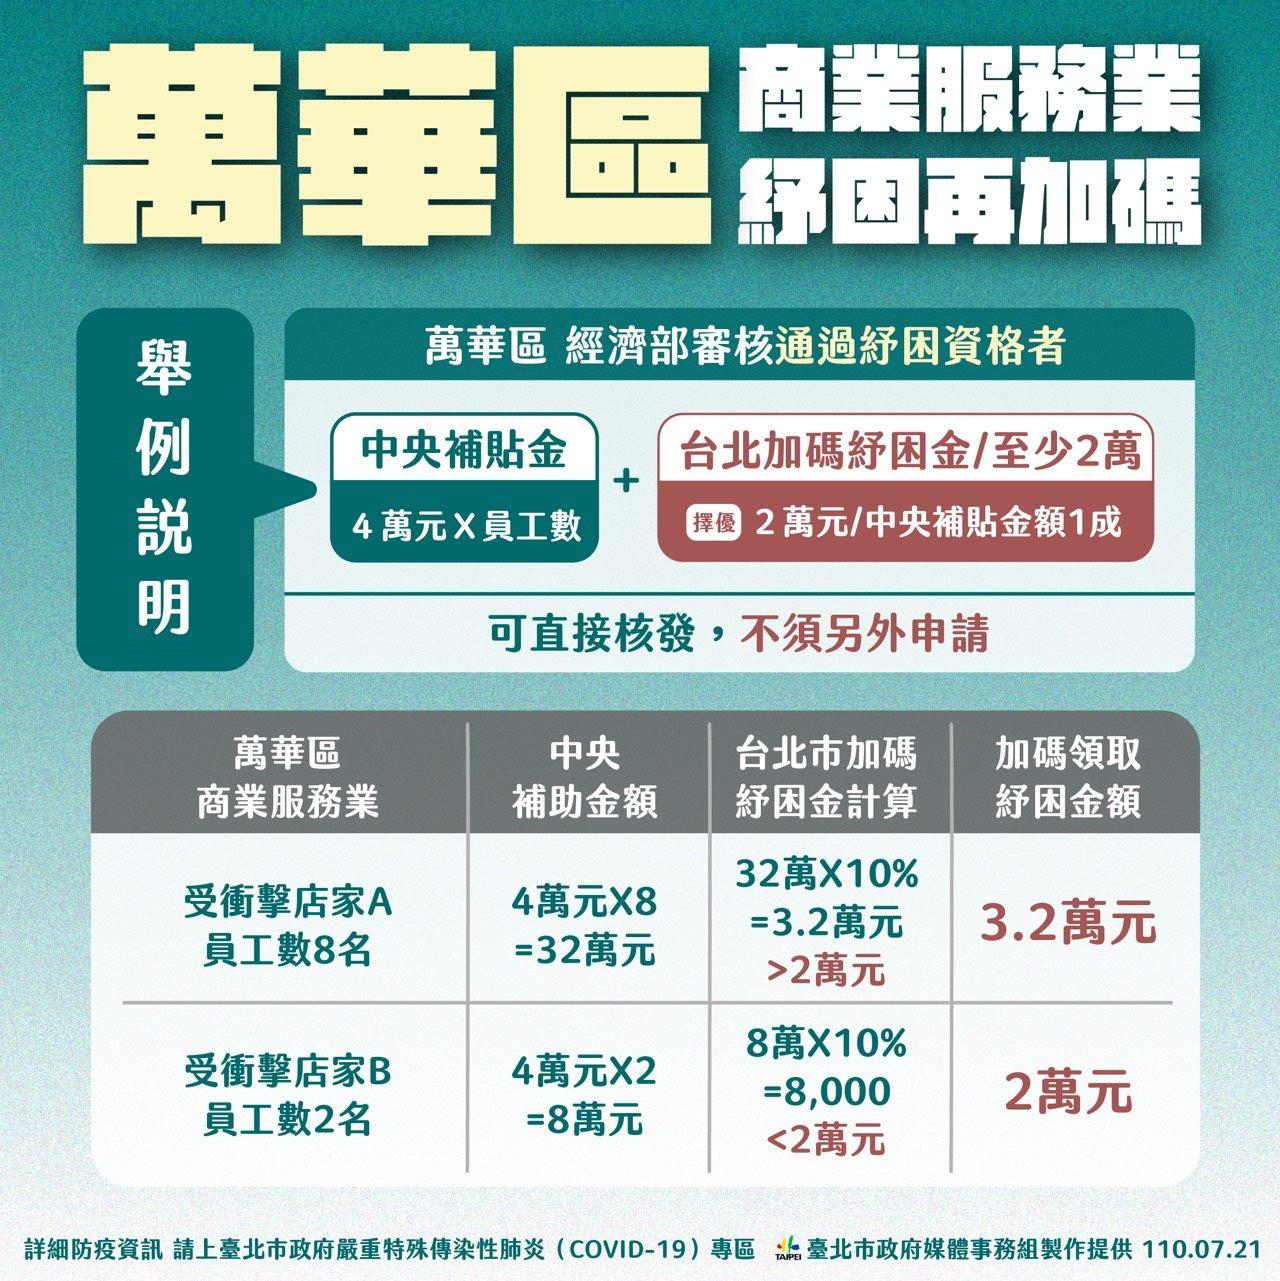 萬華區 商業服務業紓困再加碼